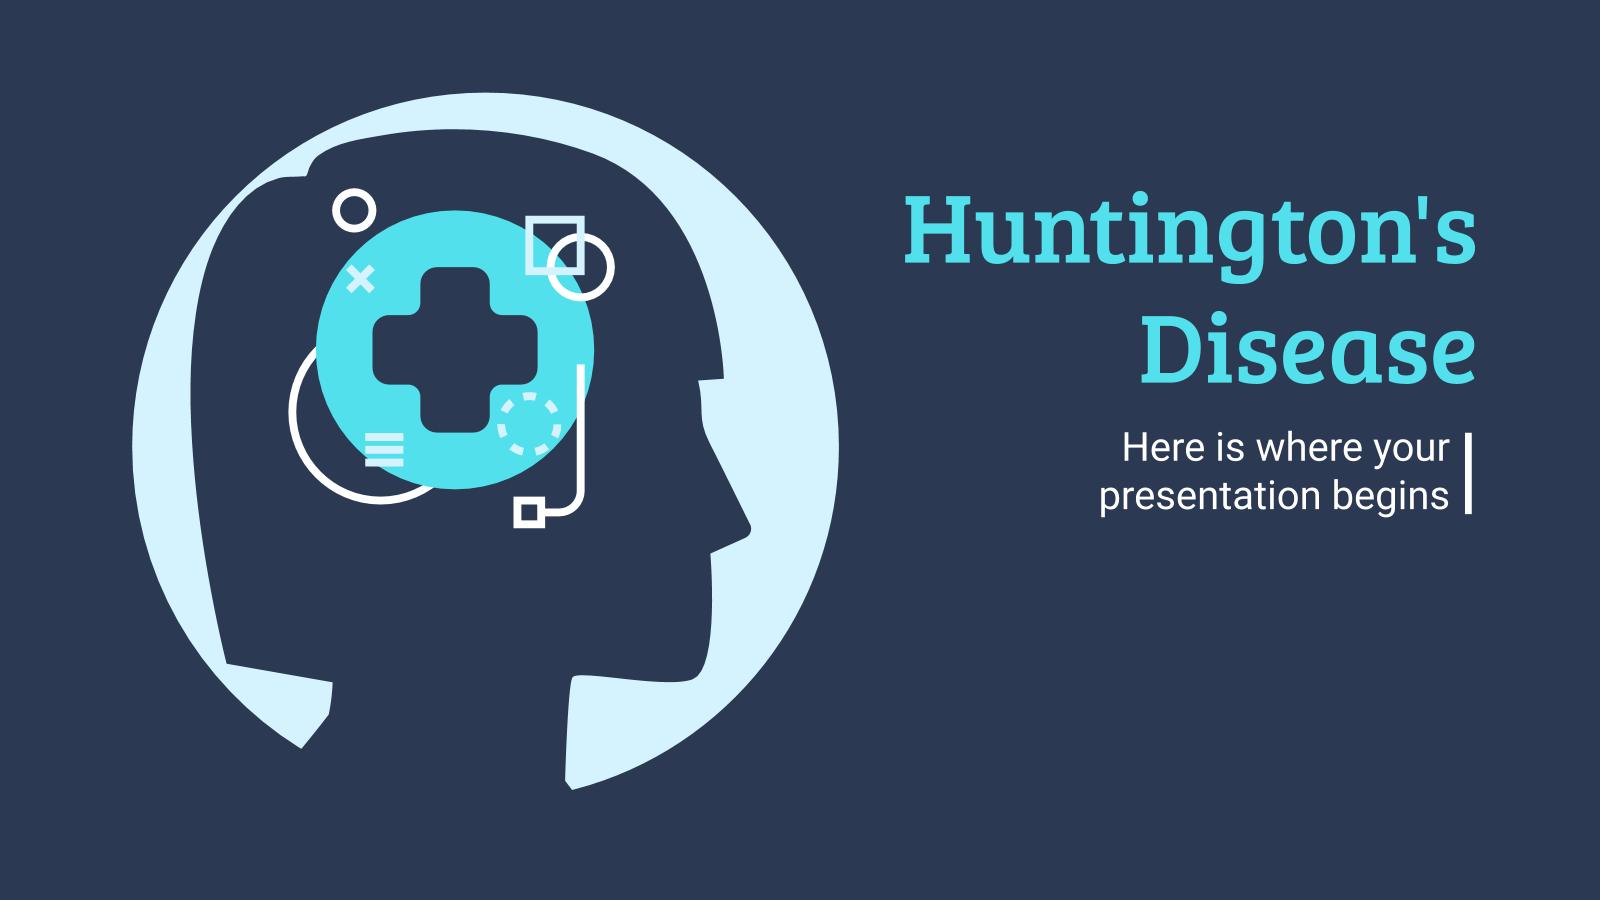 La maladie de Huntington : Modèles de présentation